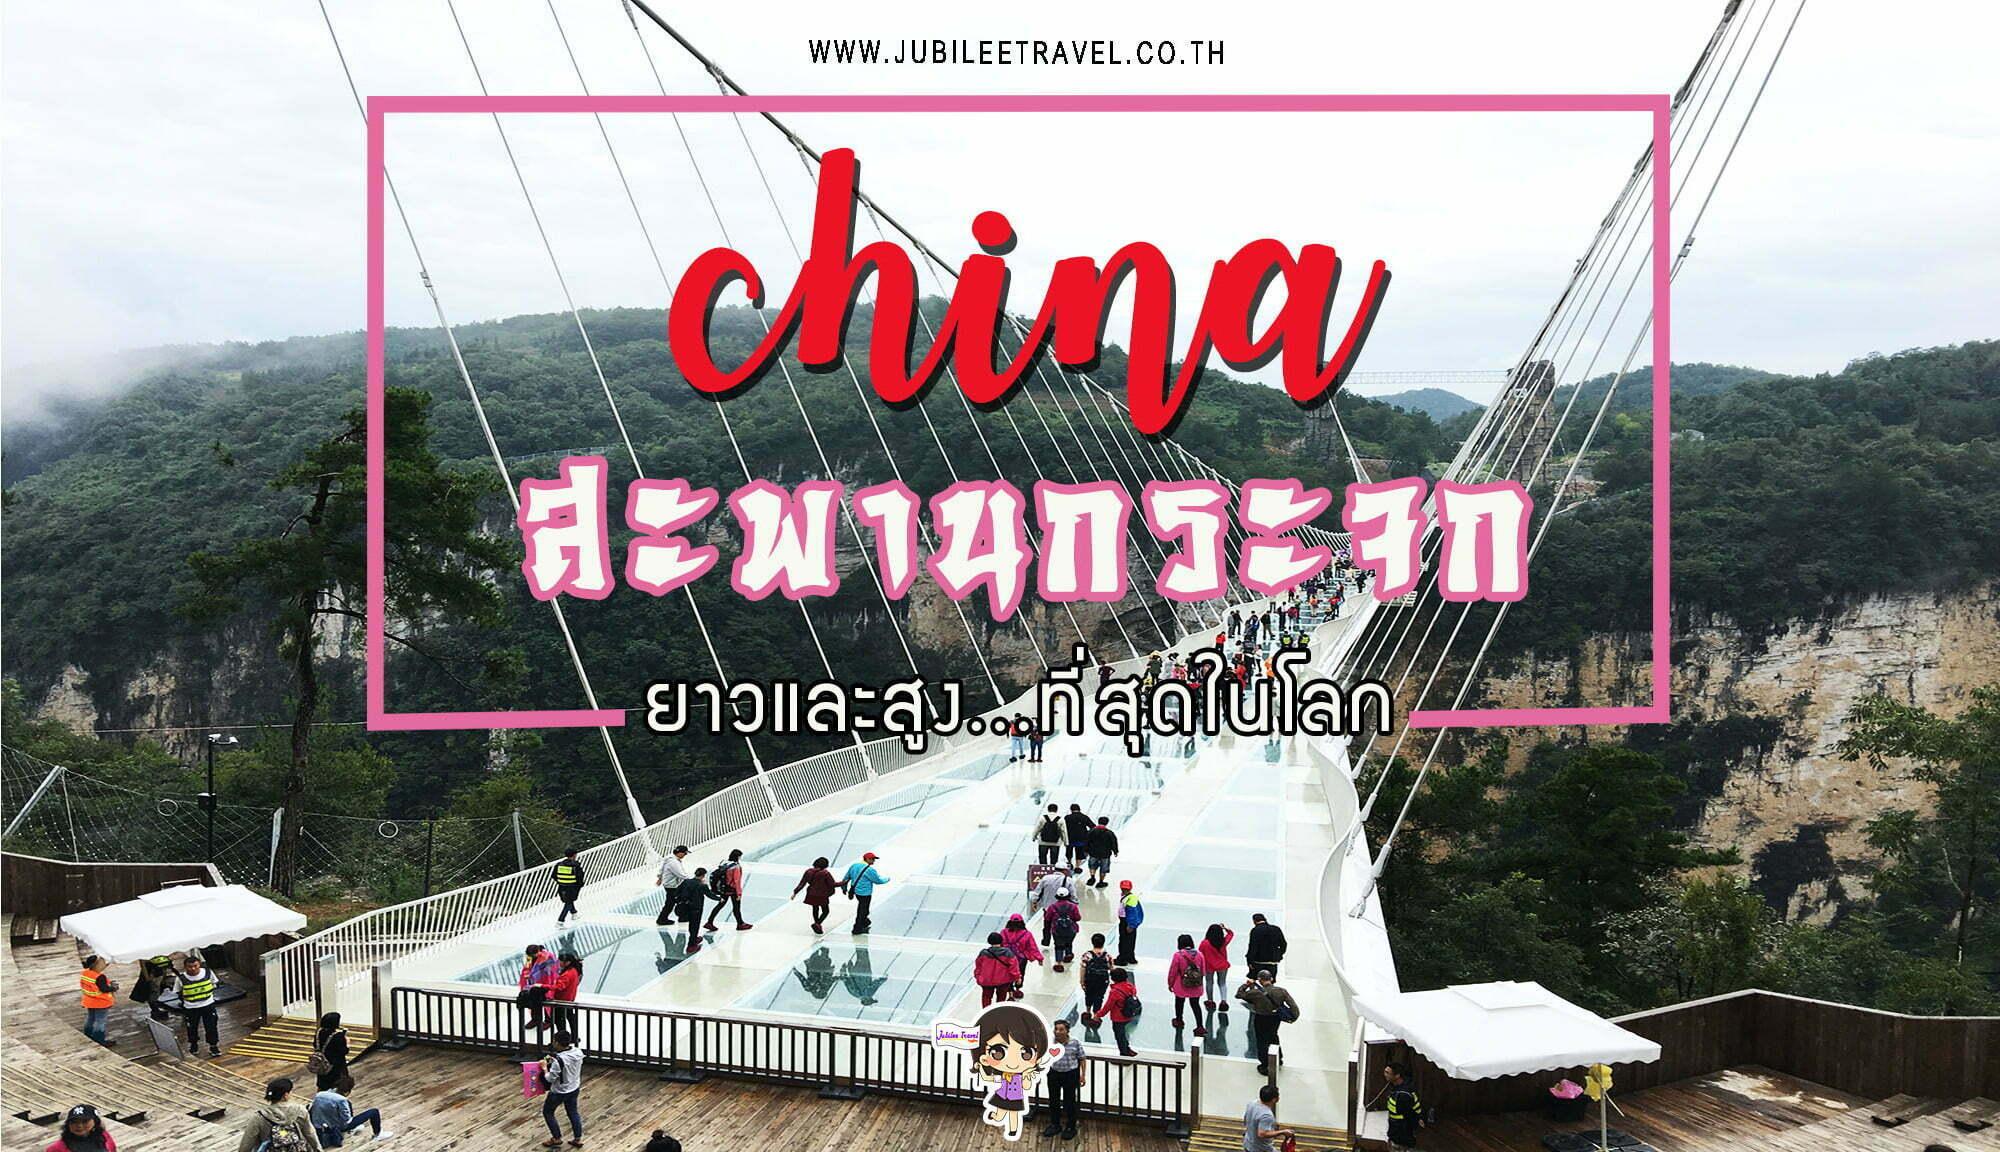 เที่ยวจีน เสียวให้สุด : รีวิว สะพานกระจก ยาวและสูงที่สุดในโลก